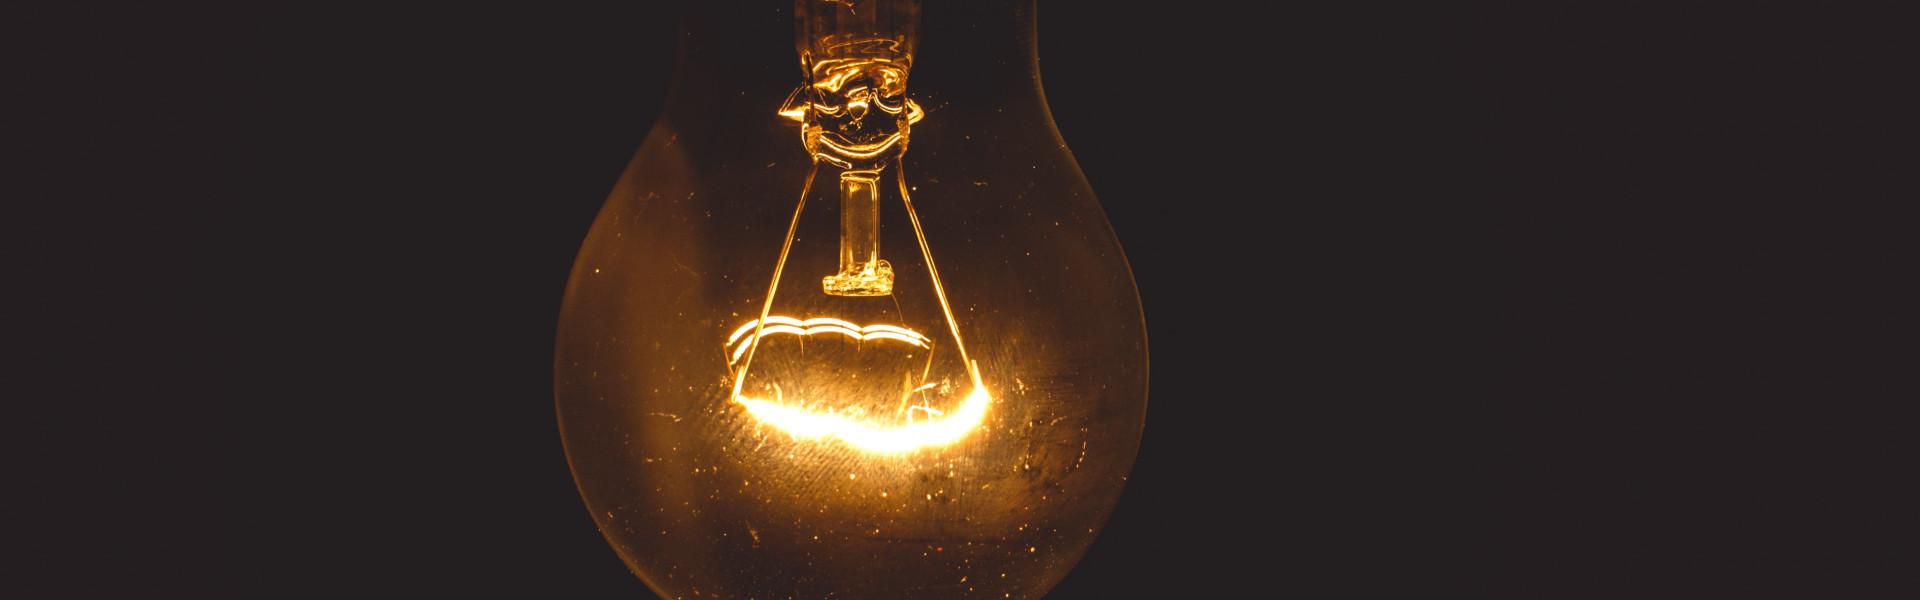 Na co uważać wybierając oświetlenie? Jakie są najczęstsze błędy oświetleniowe?